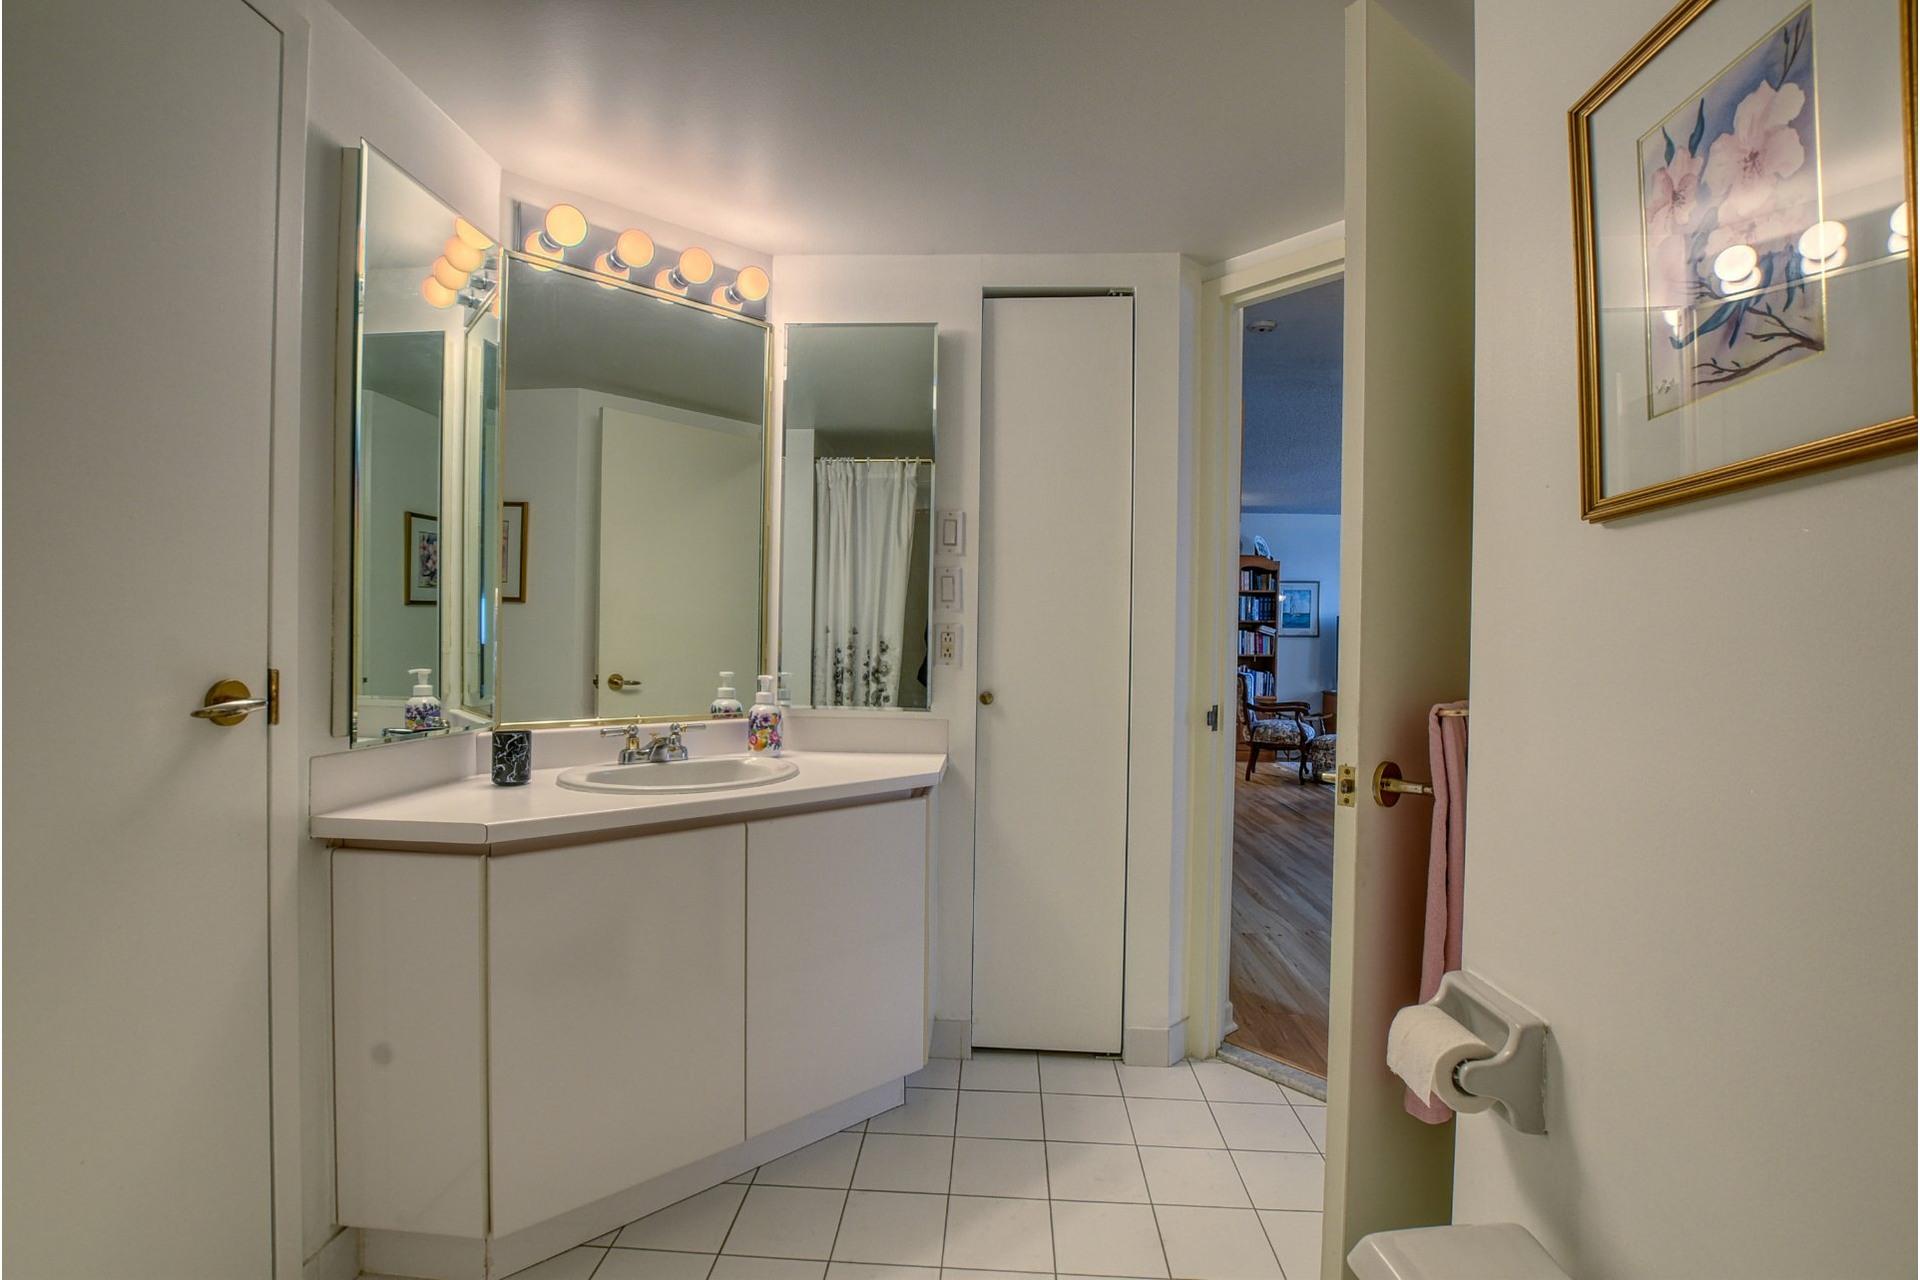 image 14 - Appartement À louer Montréal-Nord Montréal  - 4 pièces